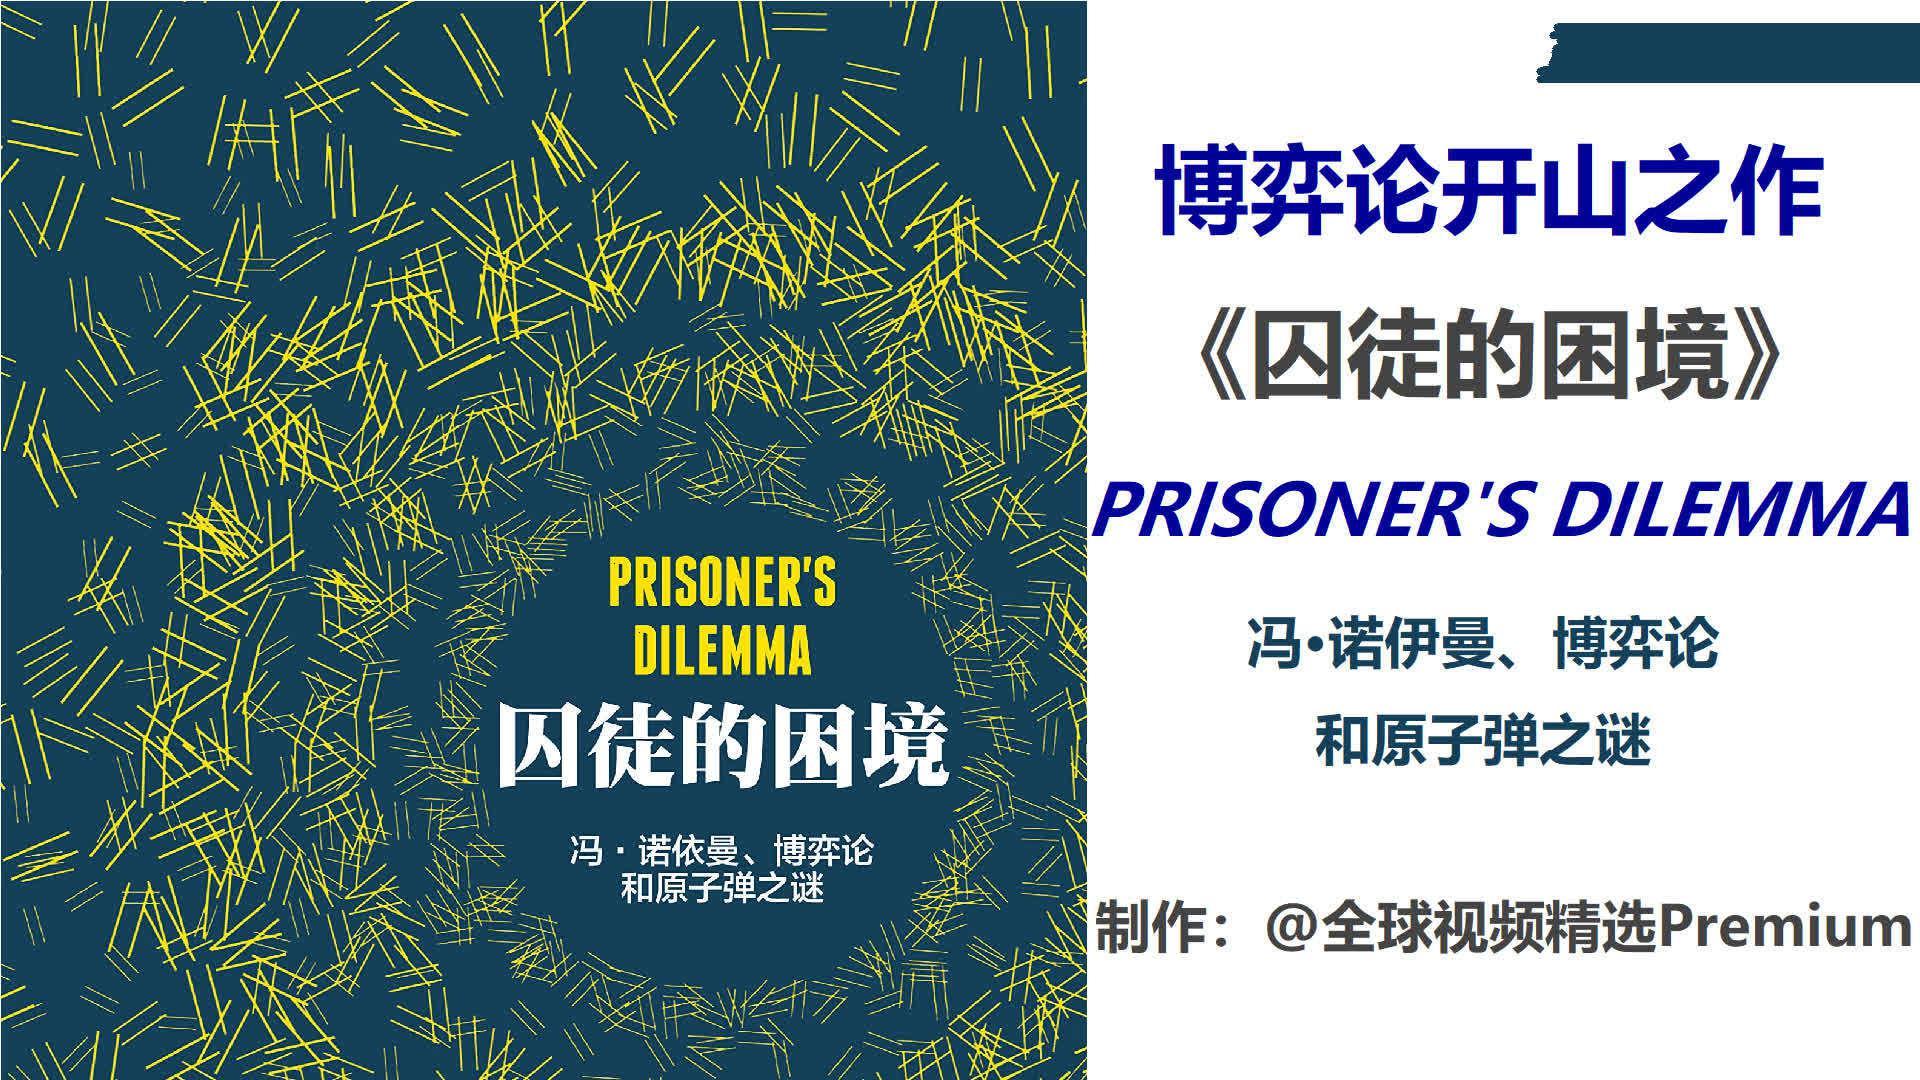 每日听书:博弈论开山之作《囚徒的困境》5小时完整版